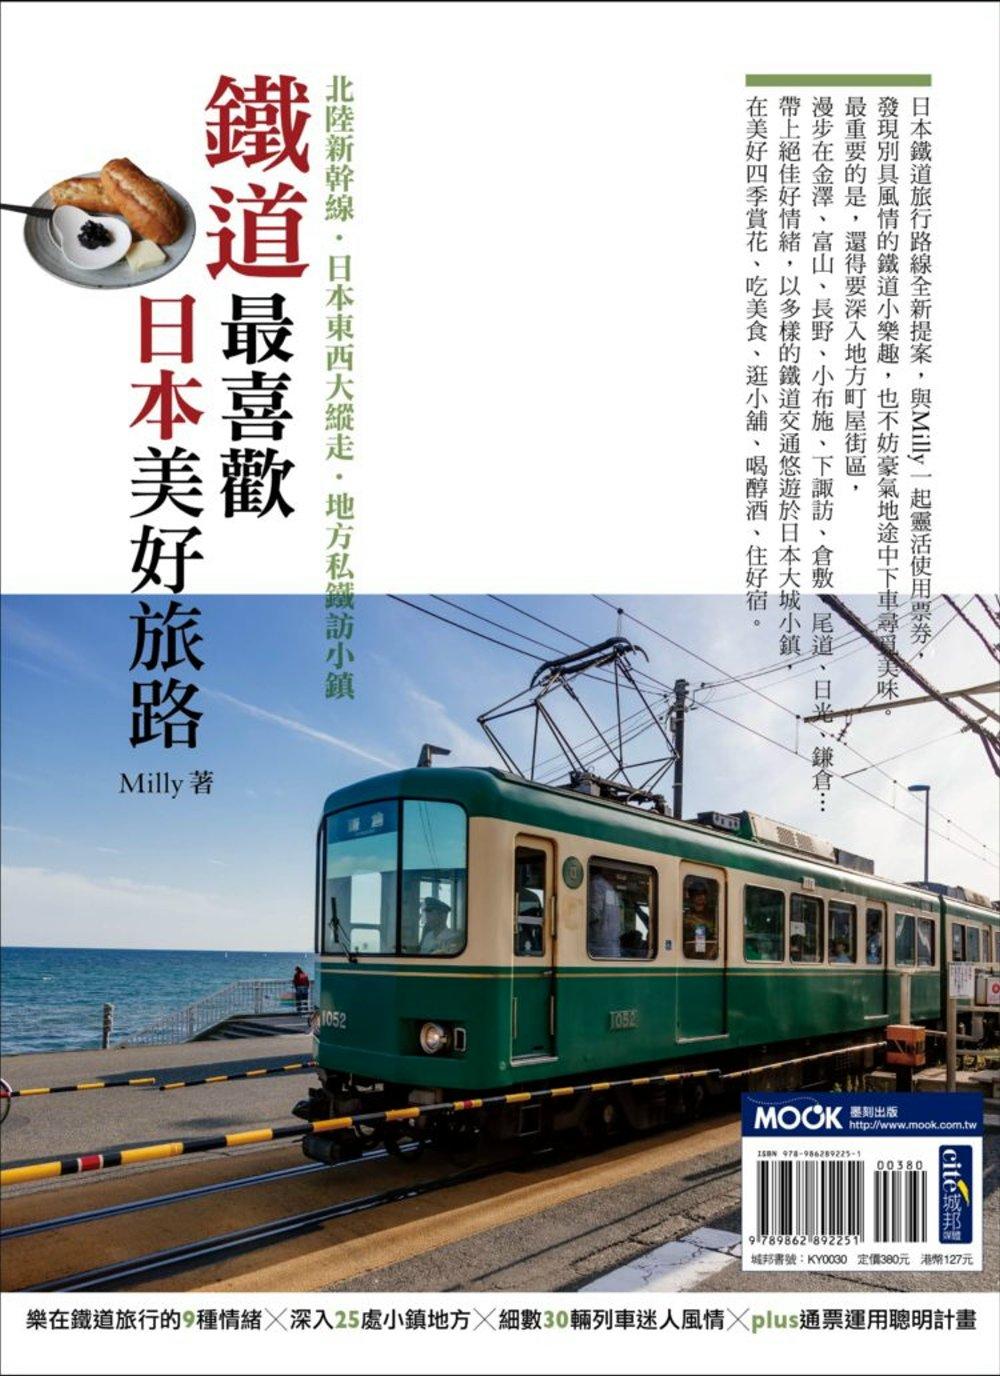 鐵道最喜歡,日本美好旅路:北陸新幹線‧日本東西大縱走‧地方私鐵訪小鎮